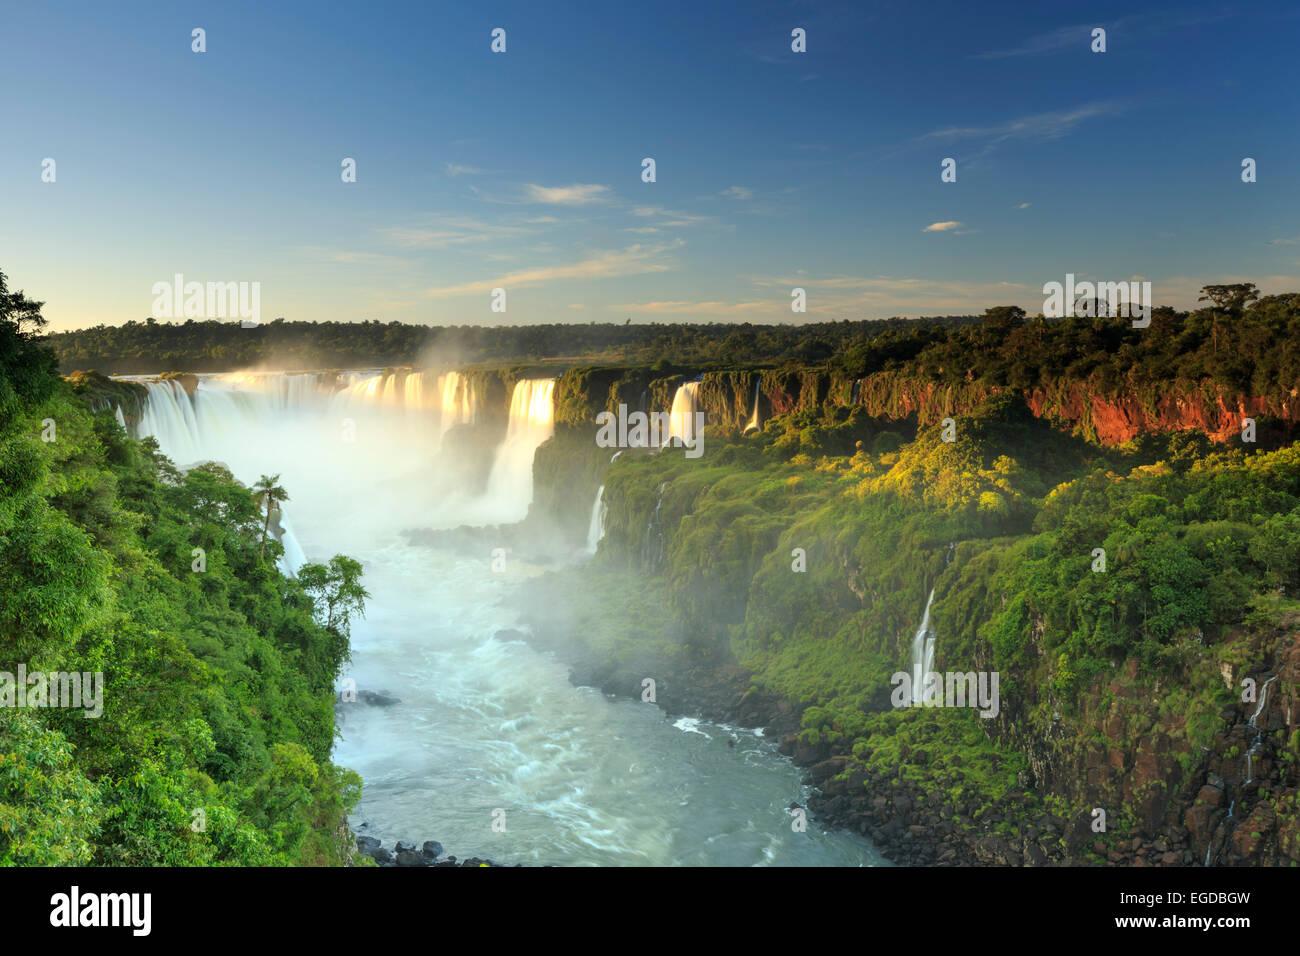 Brazil, Parana, Iguassu Falls National Park (Cataratas do Iguacu) (UNESCO Site) - Stock Image